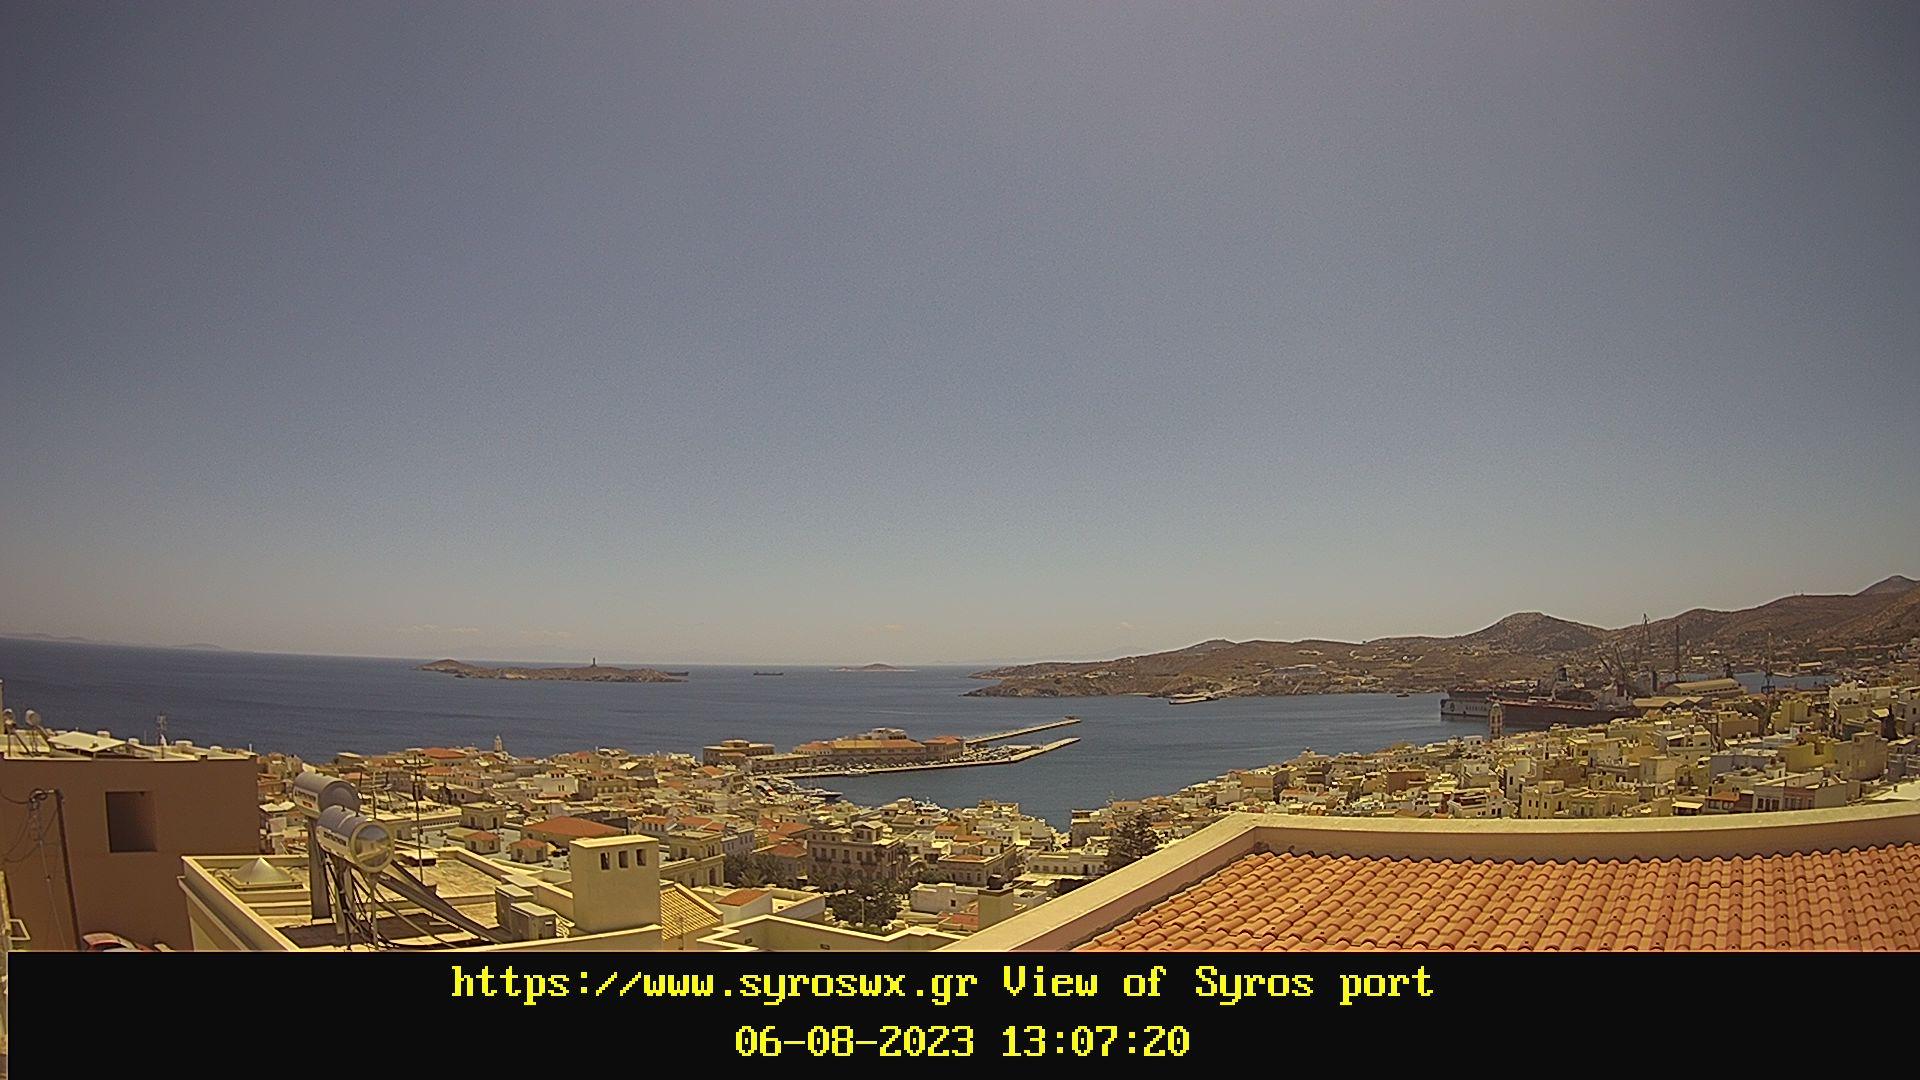 Ζωντανή εικόνα με το λιμάνι της Σύρου